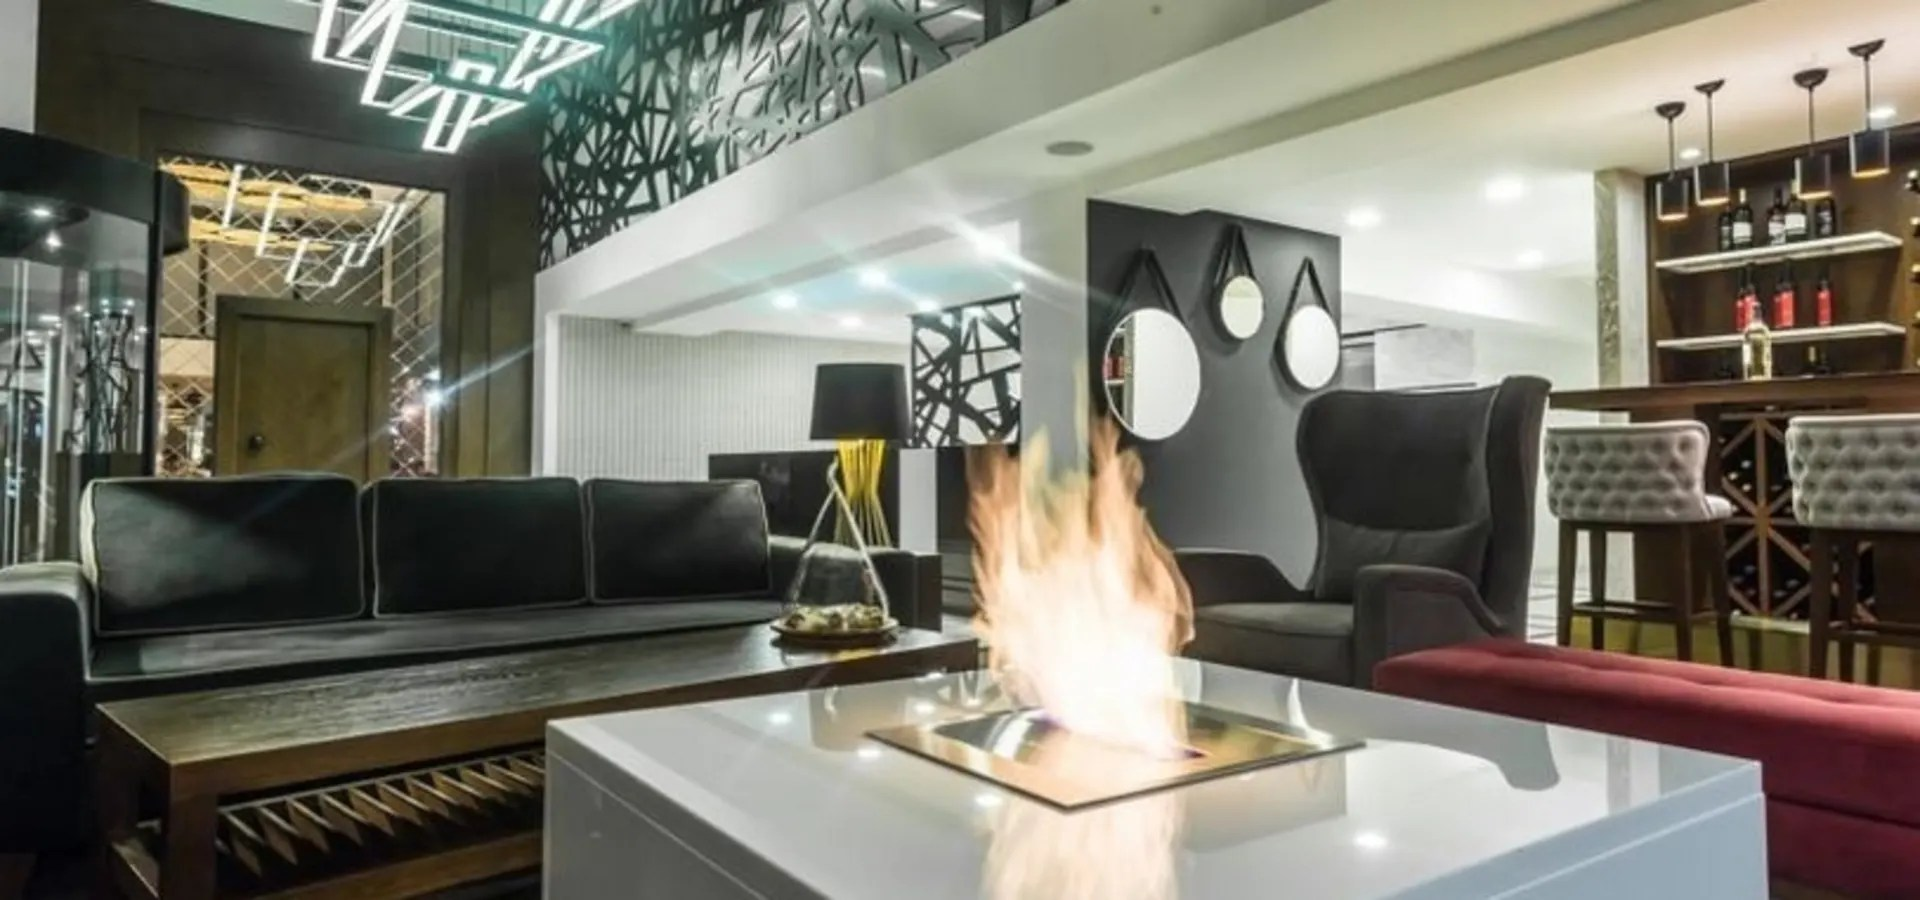 Cafe Wohnzimmer Dortmund Platzsparendes Bett Haus Ideen